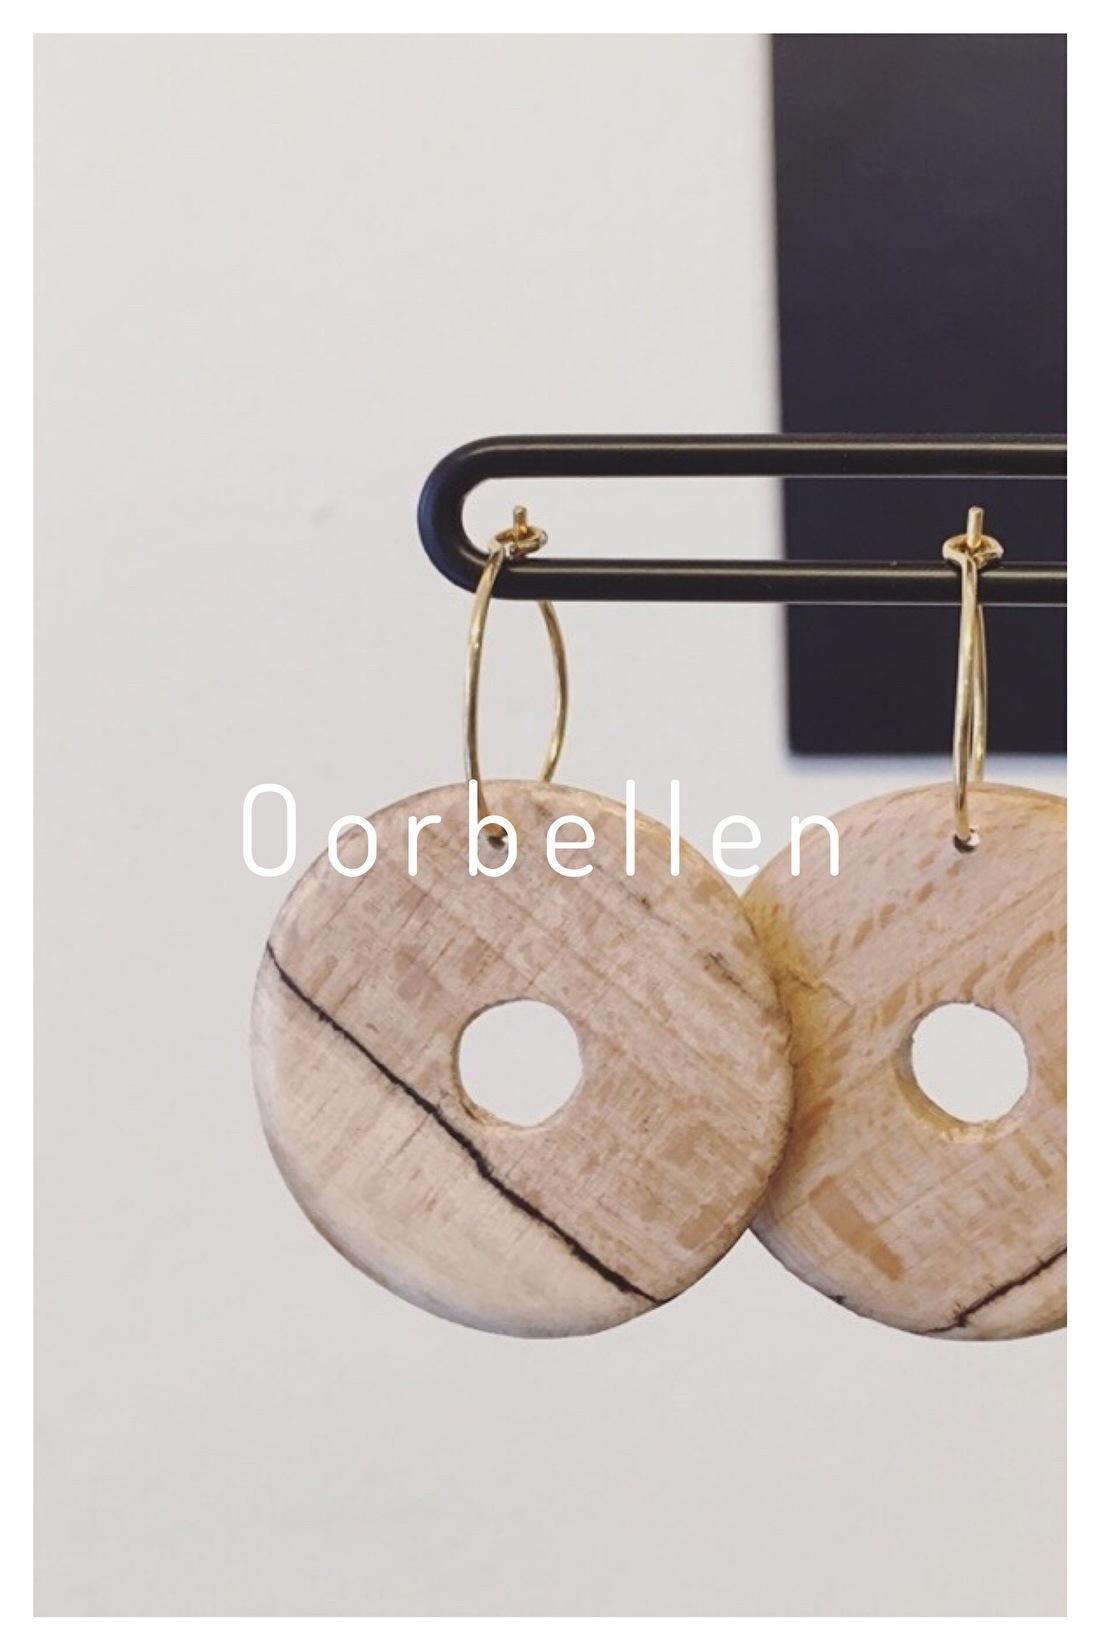 producten_home_studio_mooibos_houten_lampen_wandhaken_ringen_sieraden_oorbellen_manchetknopen_vanhout-5469.jpg